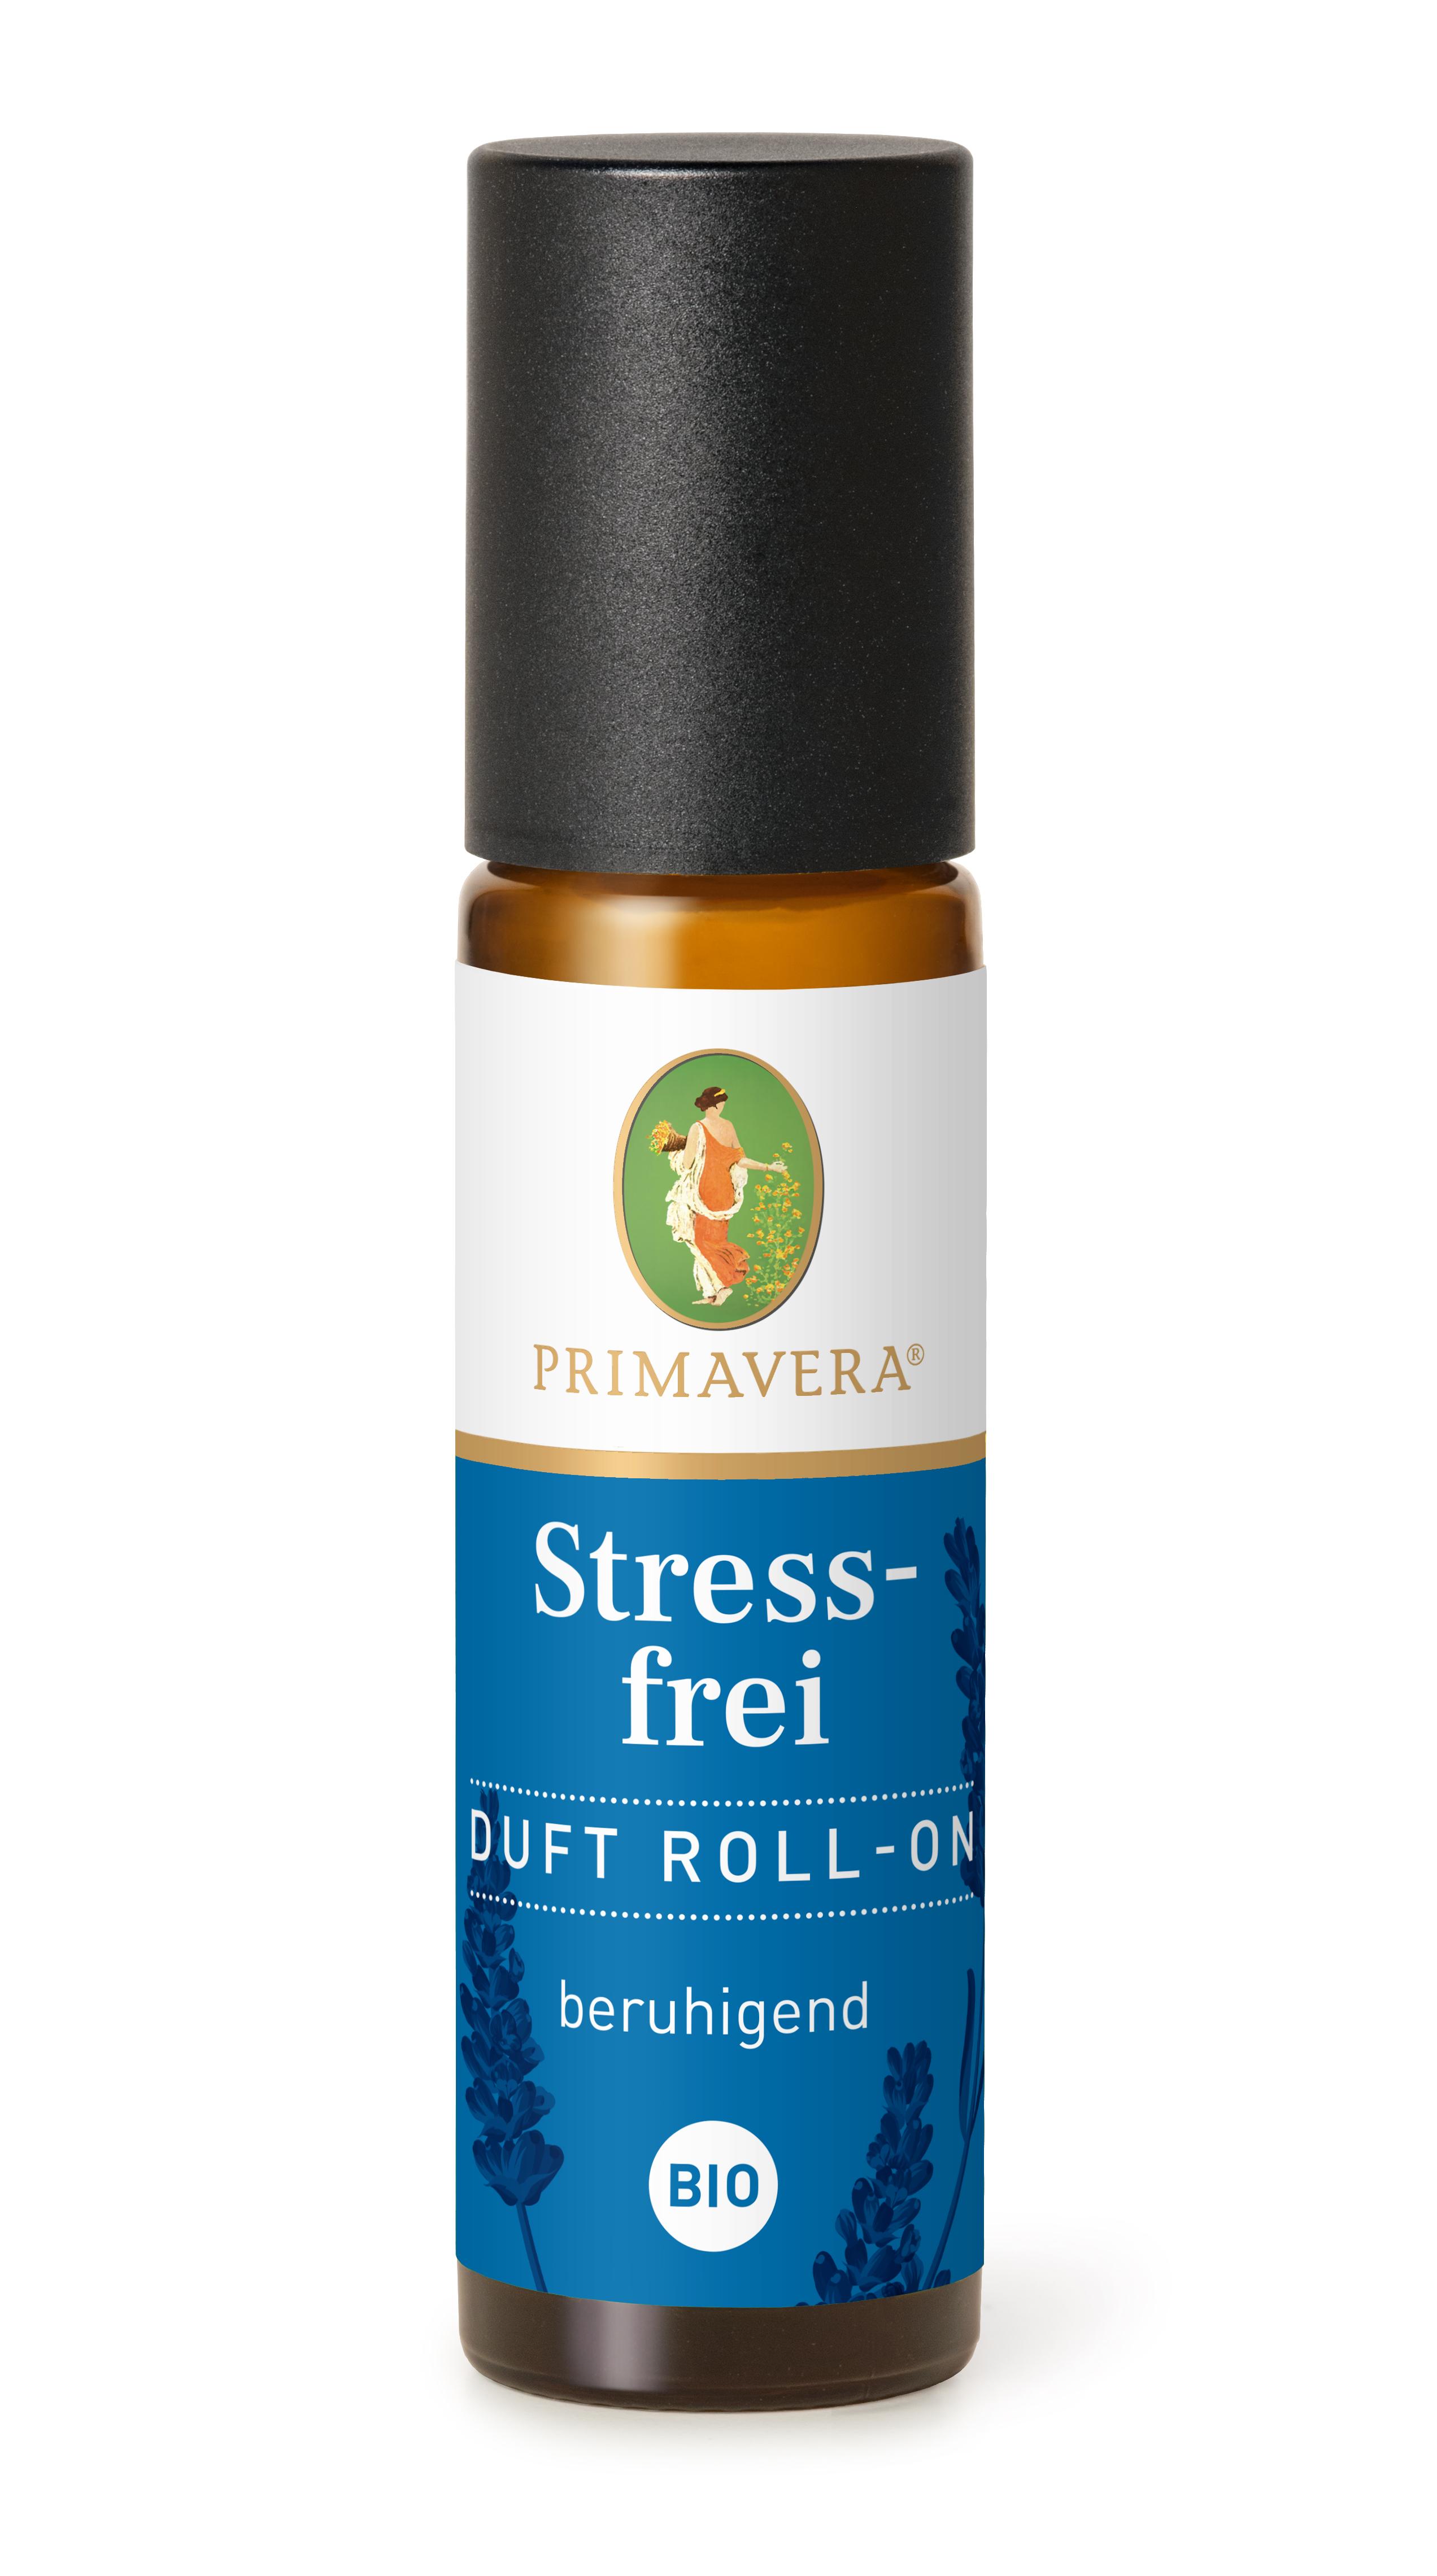 PRIMAVERA Stressfrei Duft Roll-On bio, 10 ml